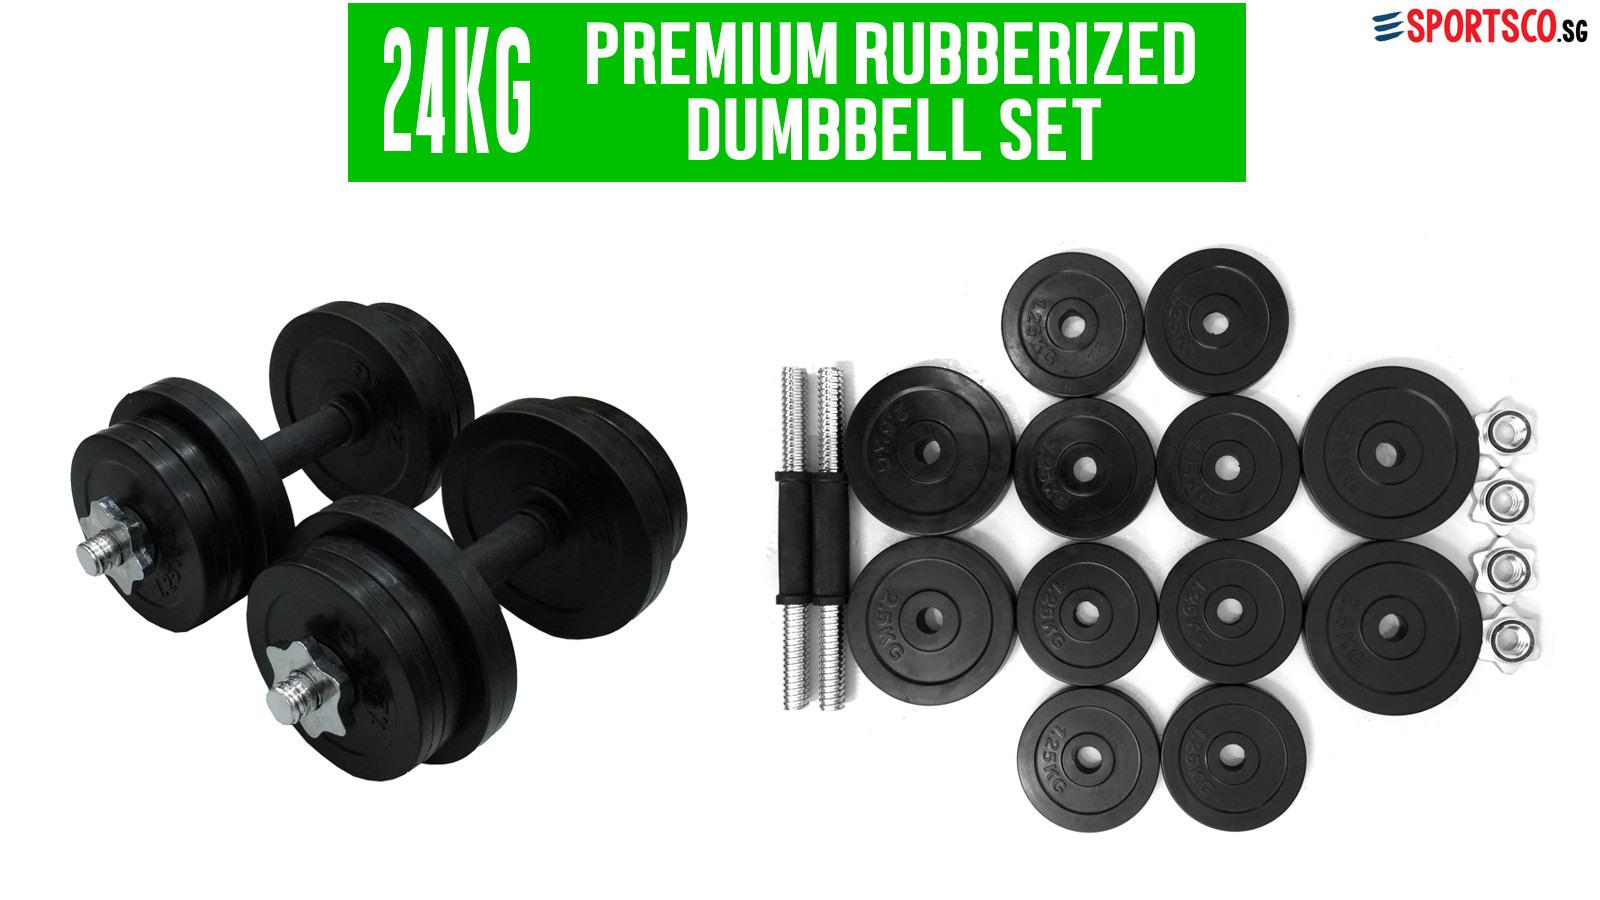 24kg Dumbbell Set